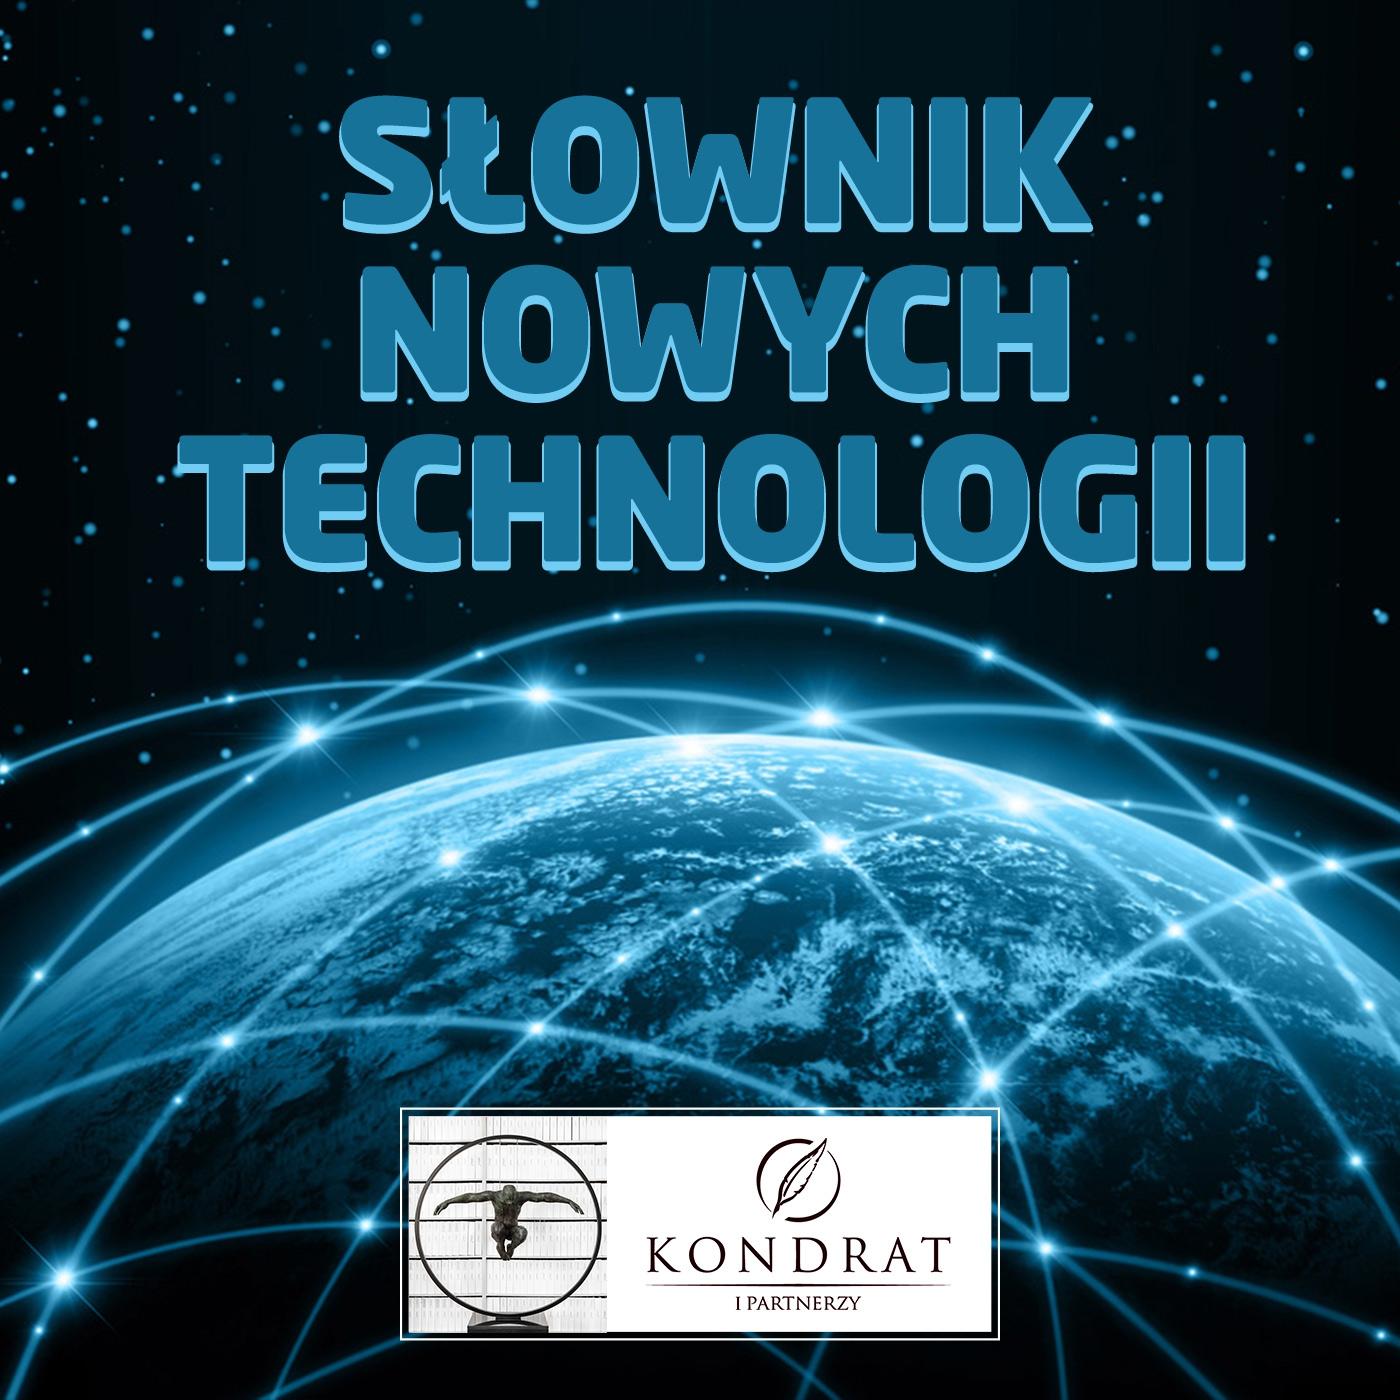 Słownik Nowych Technologii